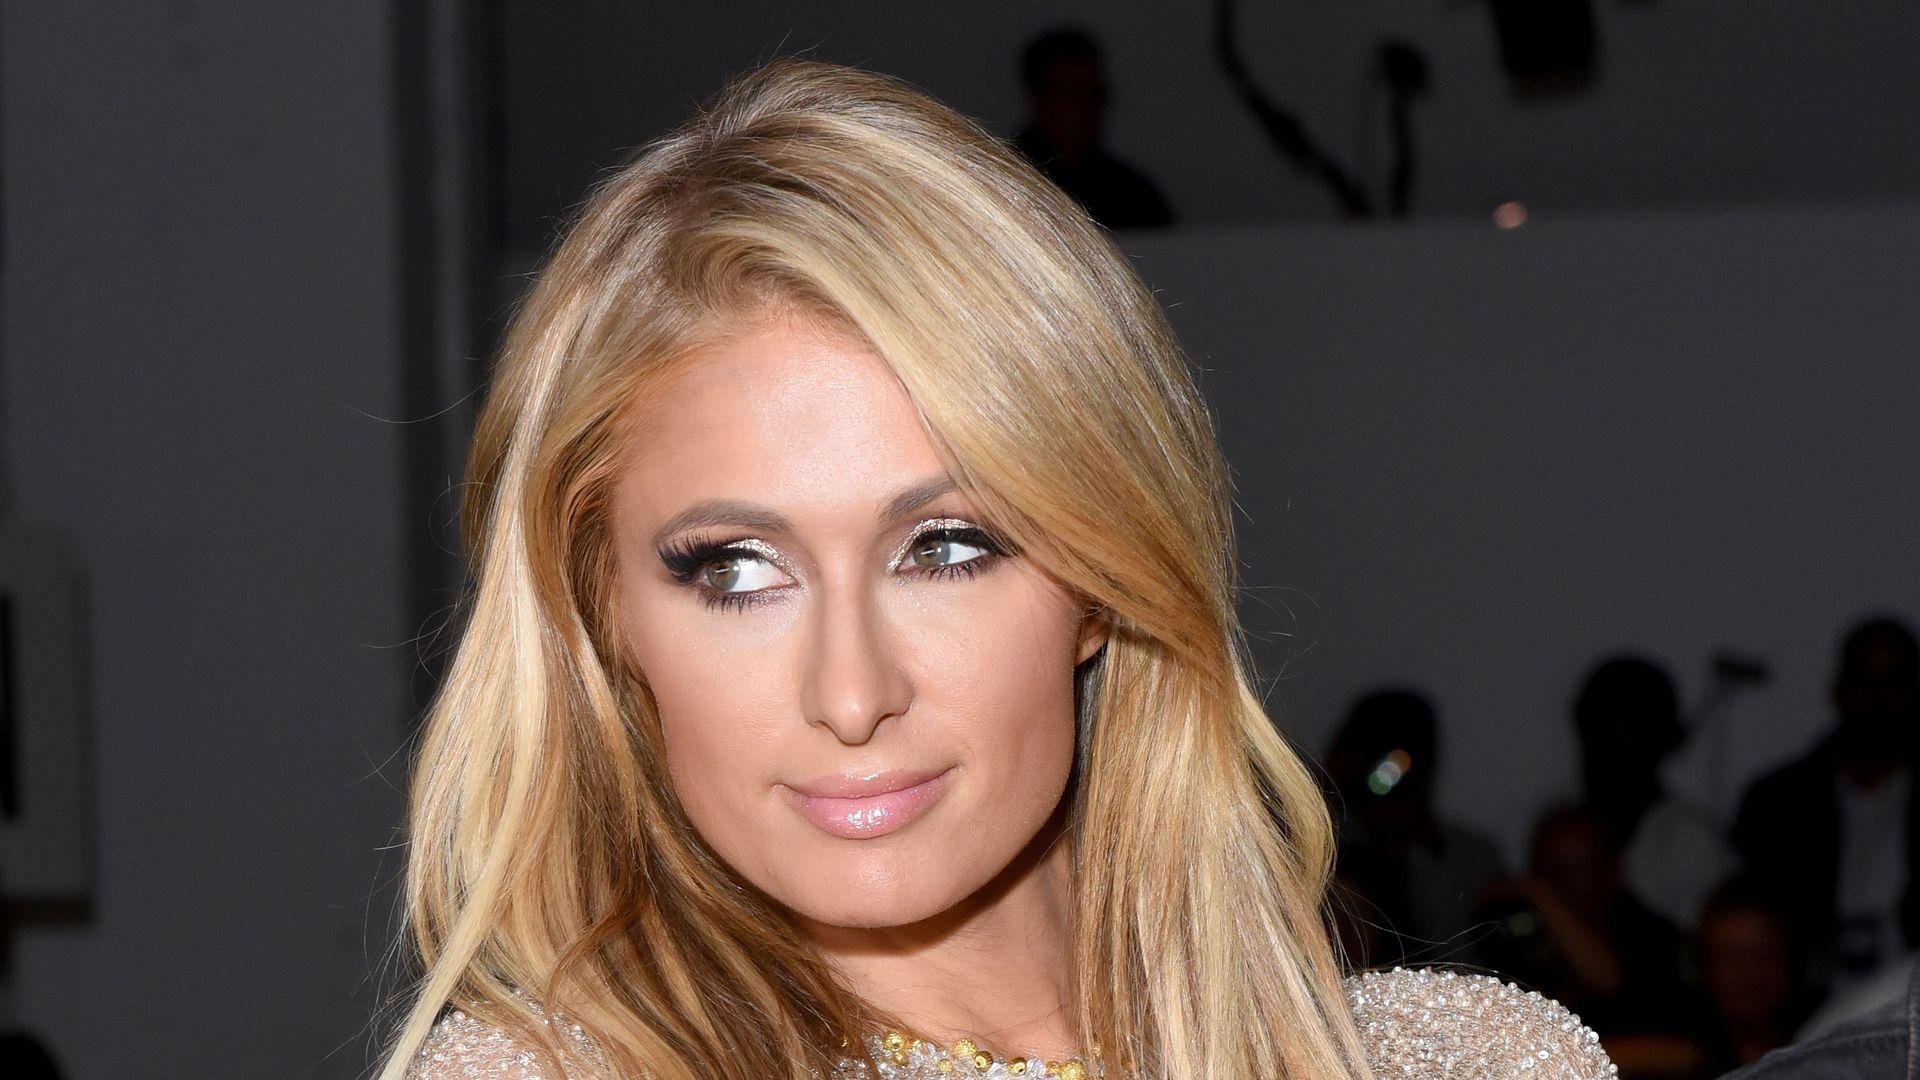 Verlobung-Hochzeit-Baby-Bleibt-Paris-Hilton-konsequent-